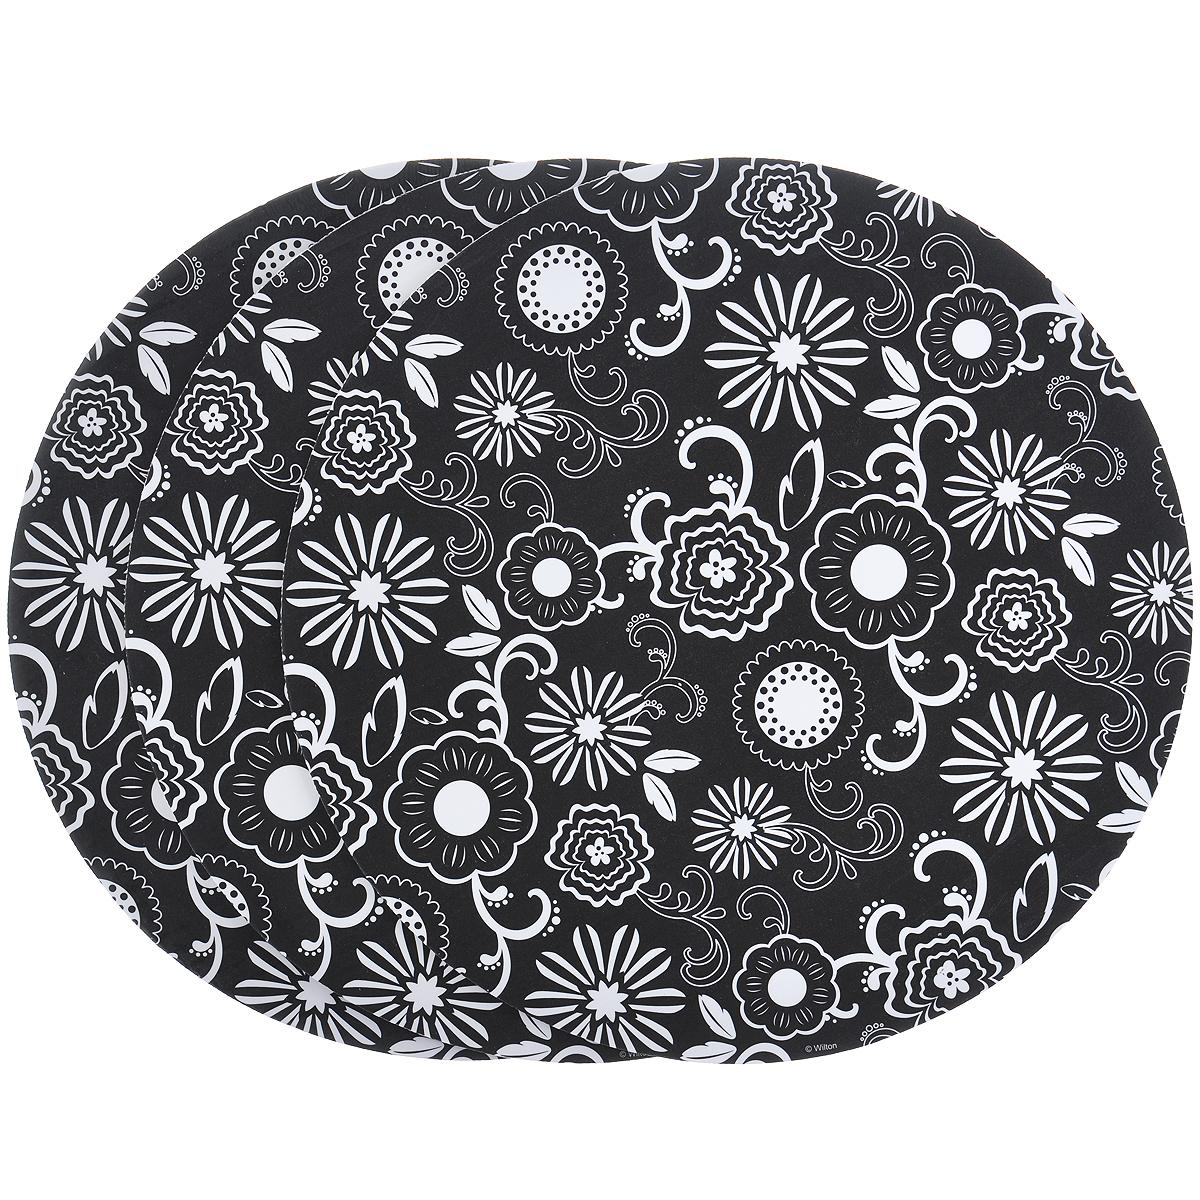 Основа для торта Wilton Белые цветы, диаметр 30,5 см, 3 штCM000001328Основа Wilton Белые цветы выполнена из гофрированного картона с жиронепроницаемым покрытием и оформлена белыми цветами. Предназначена для сервировки тортов, пицц, небольших праздничных угощений, закусок и т.п. Диаметр: 30,5 см. Толщина: 3 мм.